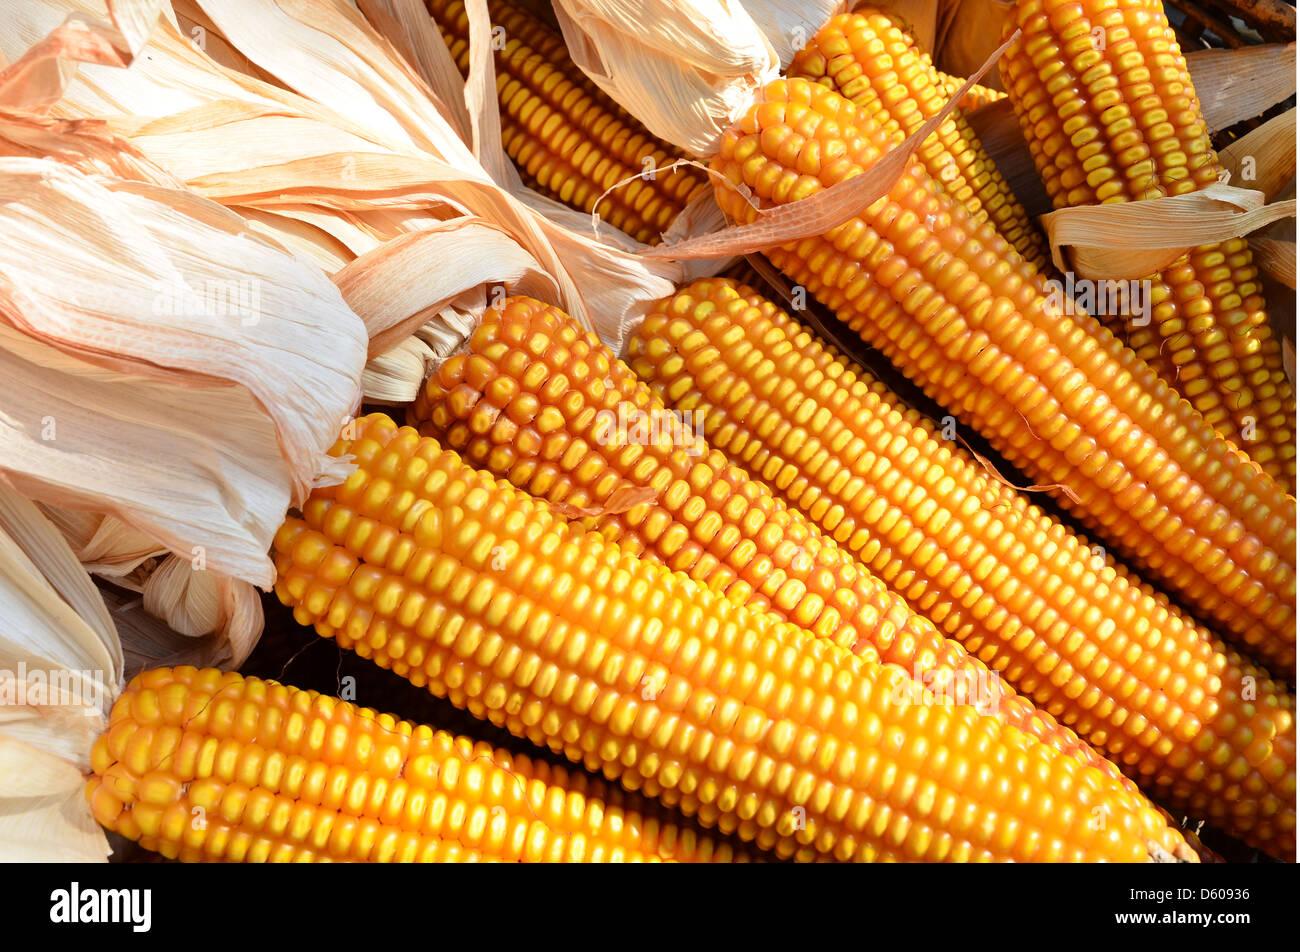 Détail du maïs, de l'agriculture. Photo Stock